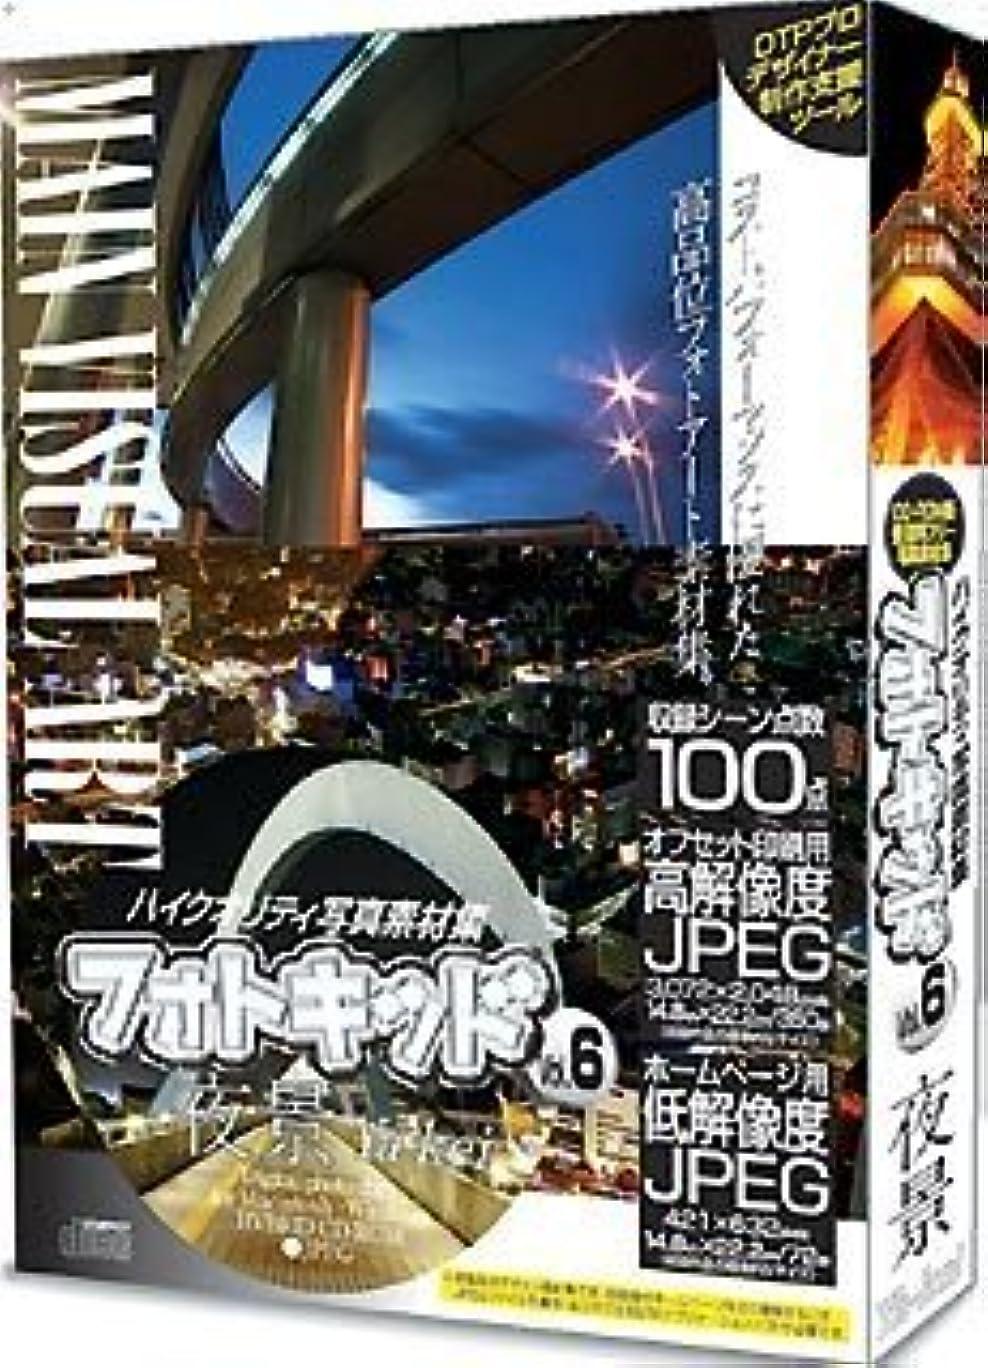 ドル害虫ジュラシックパークフォトキッド Vol.6 夜景 Ya-kei